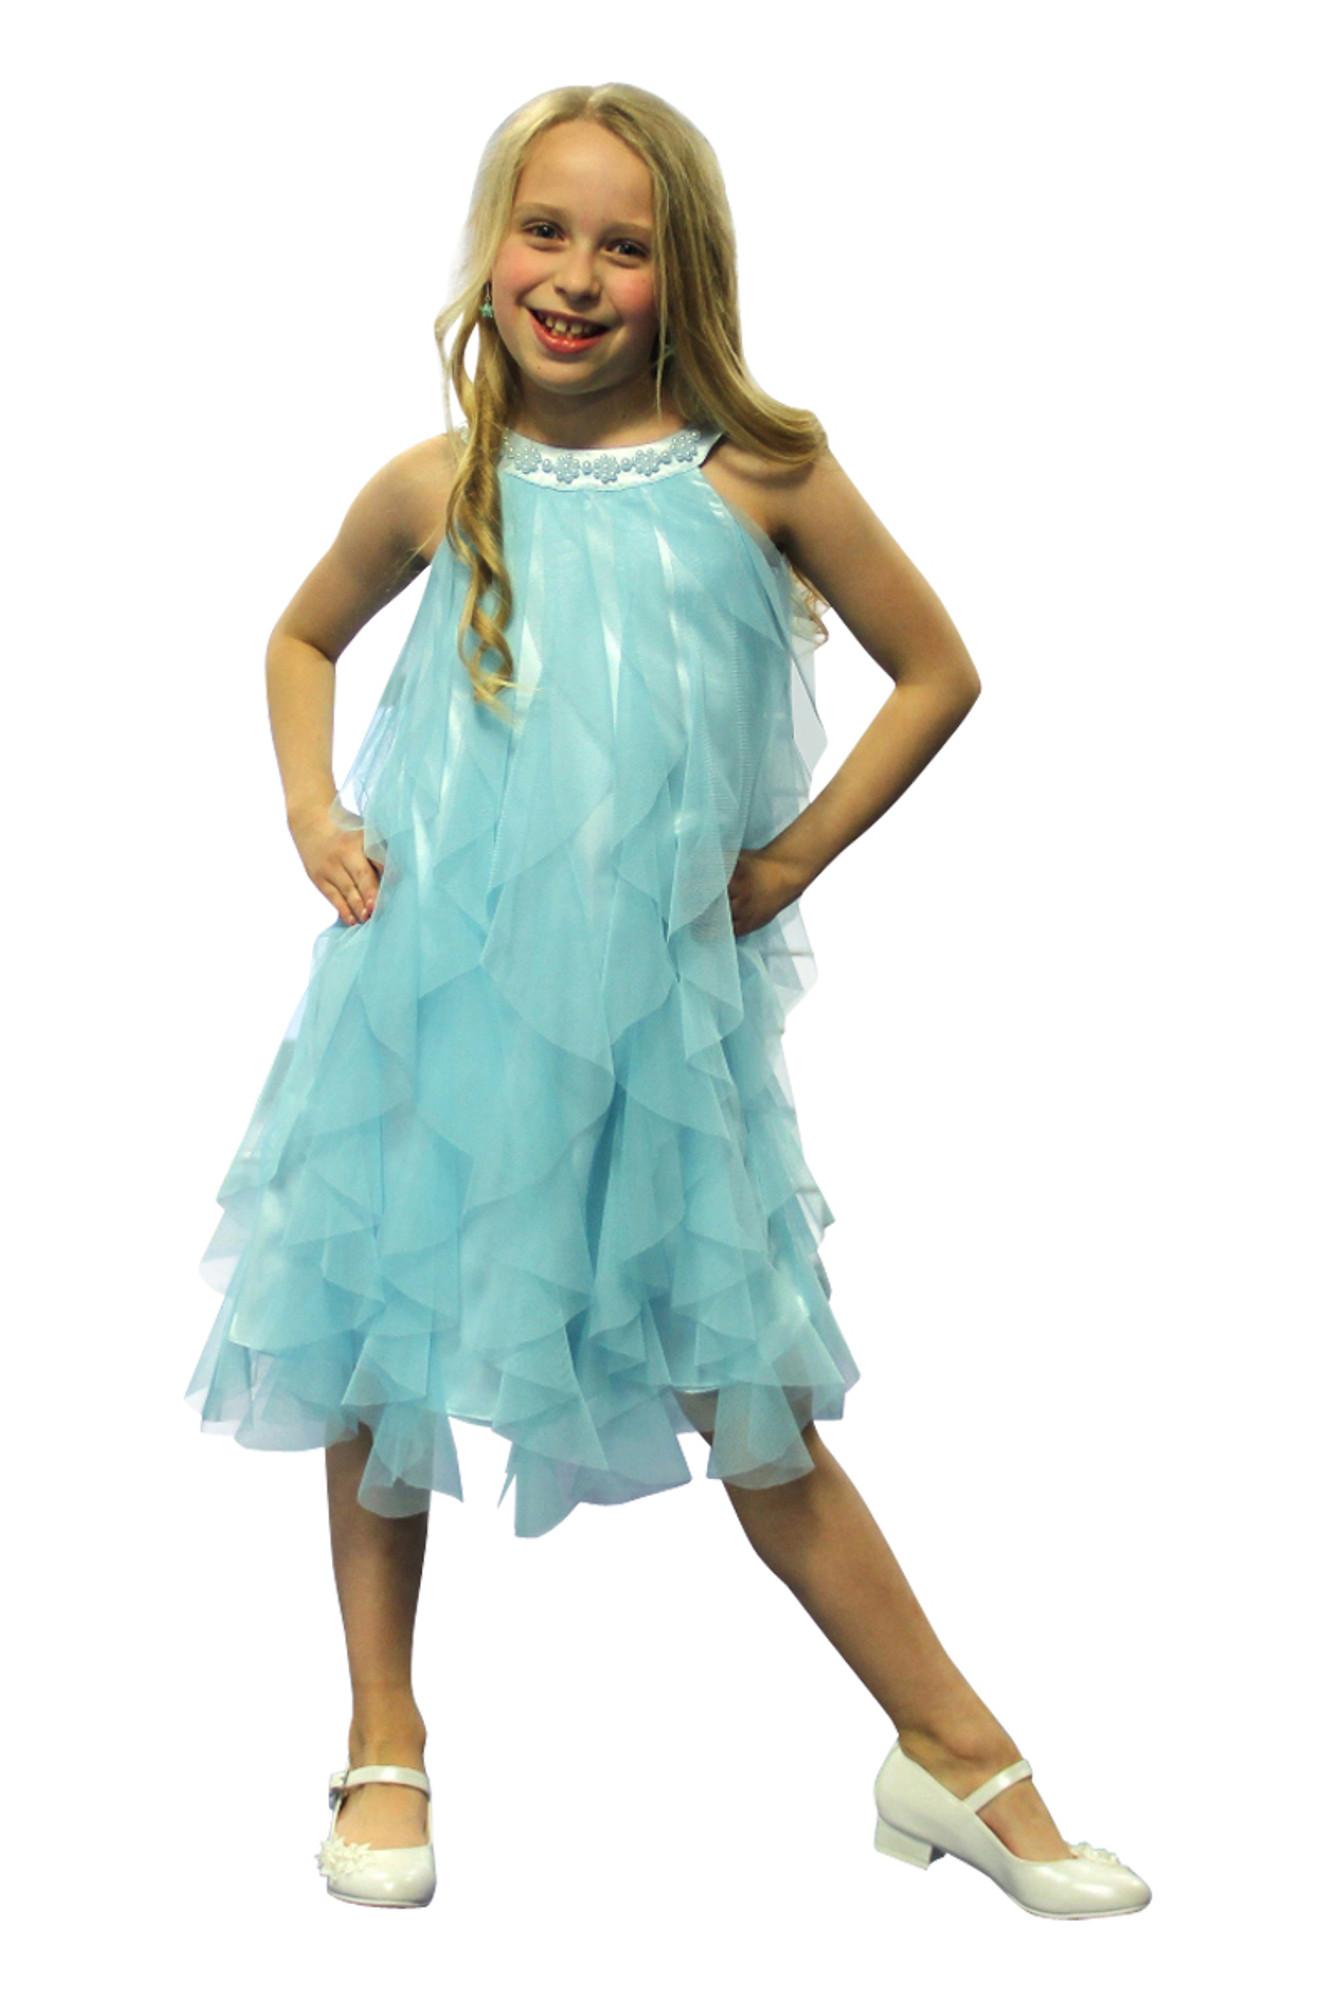 BIMARO Mädchen Kleid Lucia aqua  türkis blau Festkleid edler Mesh Volants Perlen festlich Hochzeit Taufe Blumenmädchen